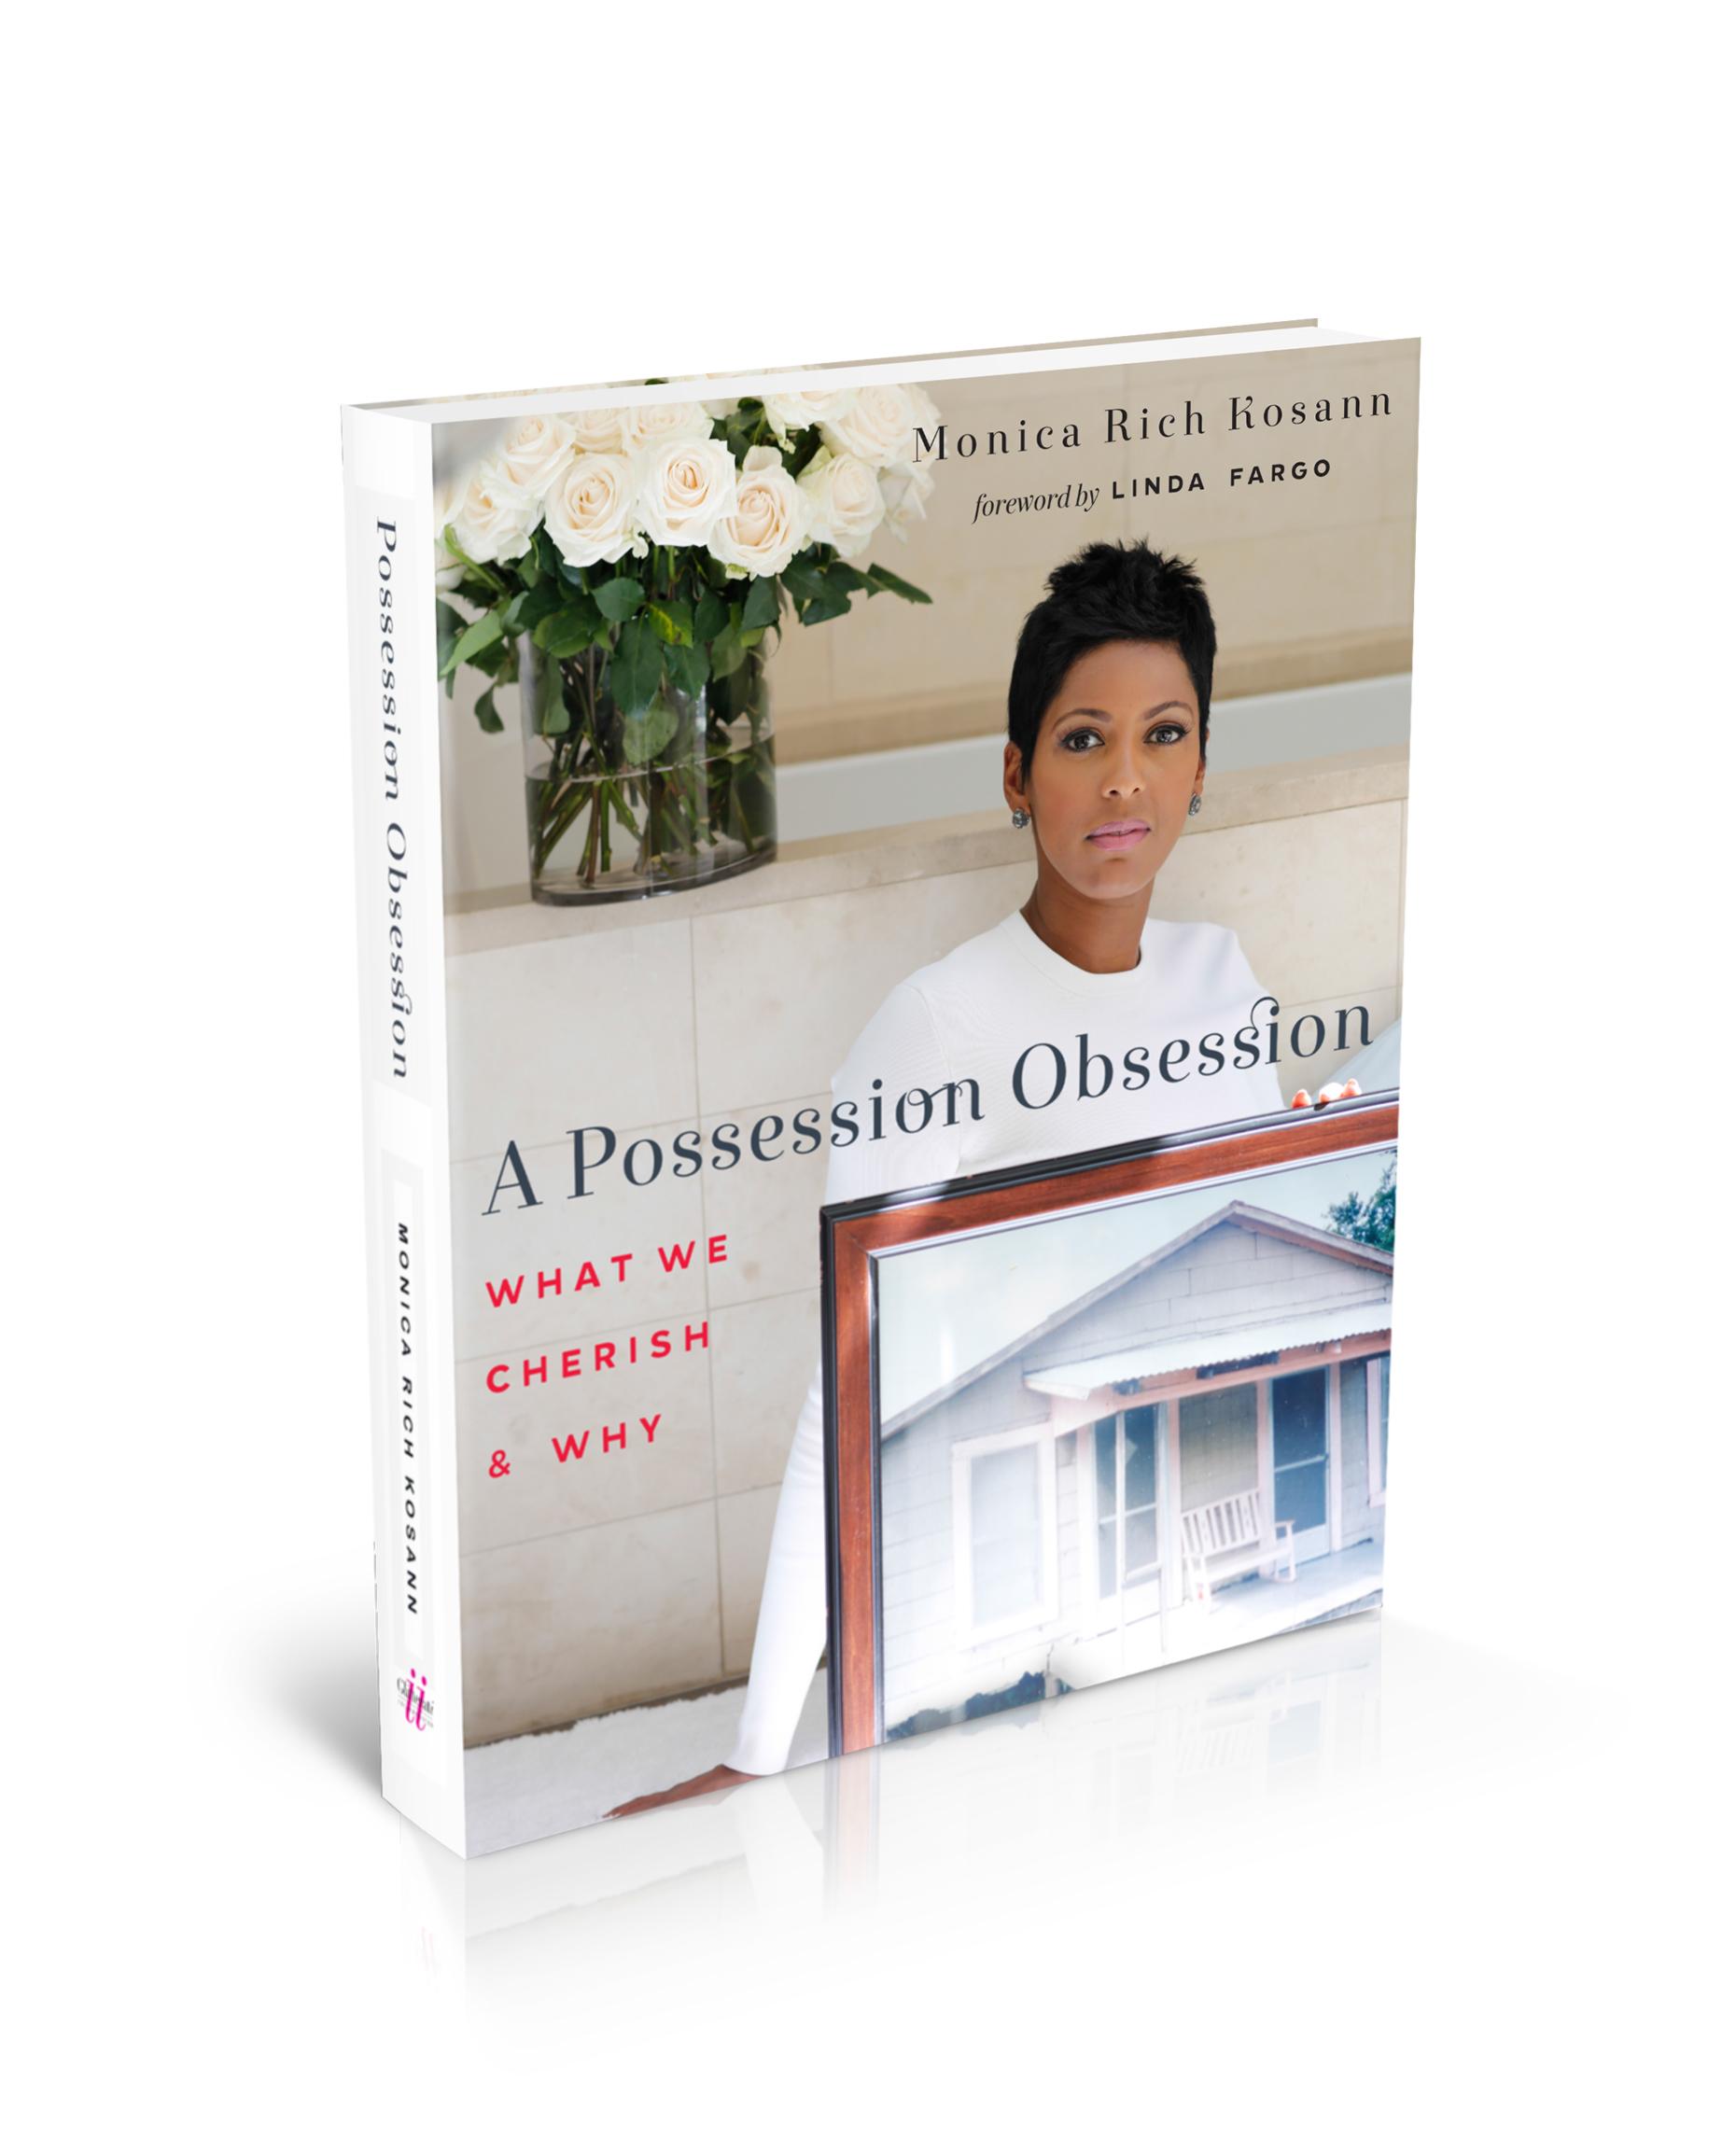 possessionobsession_blad-1